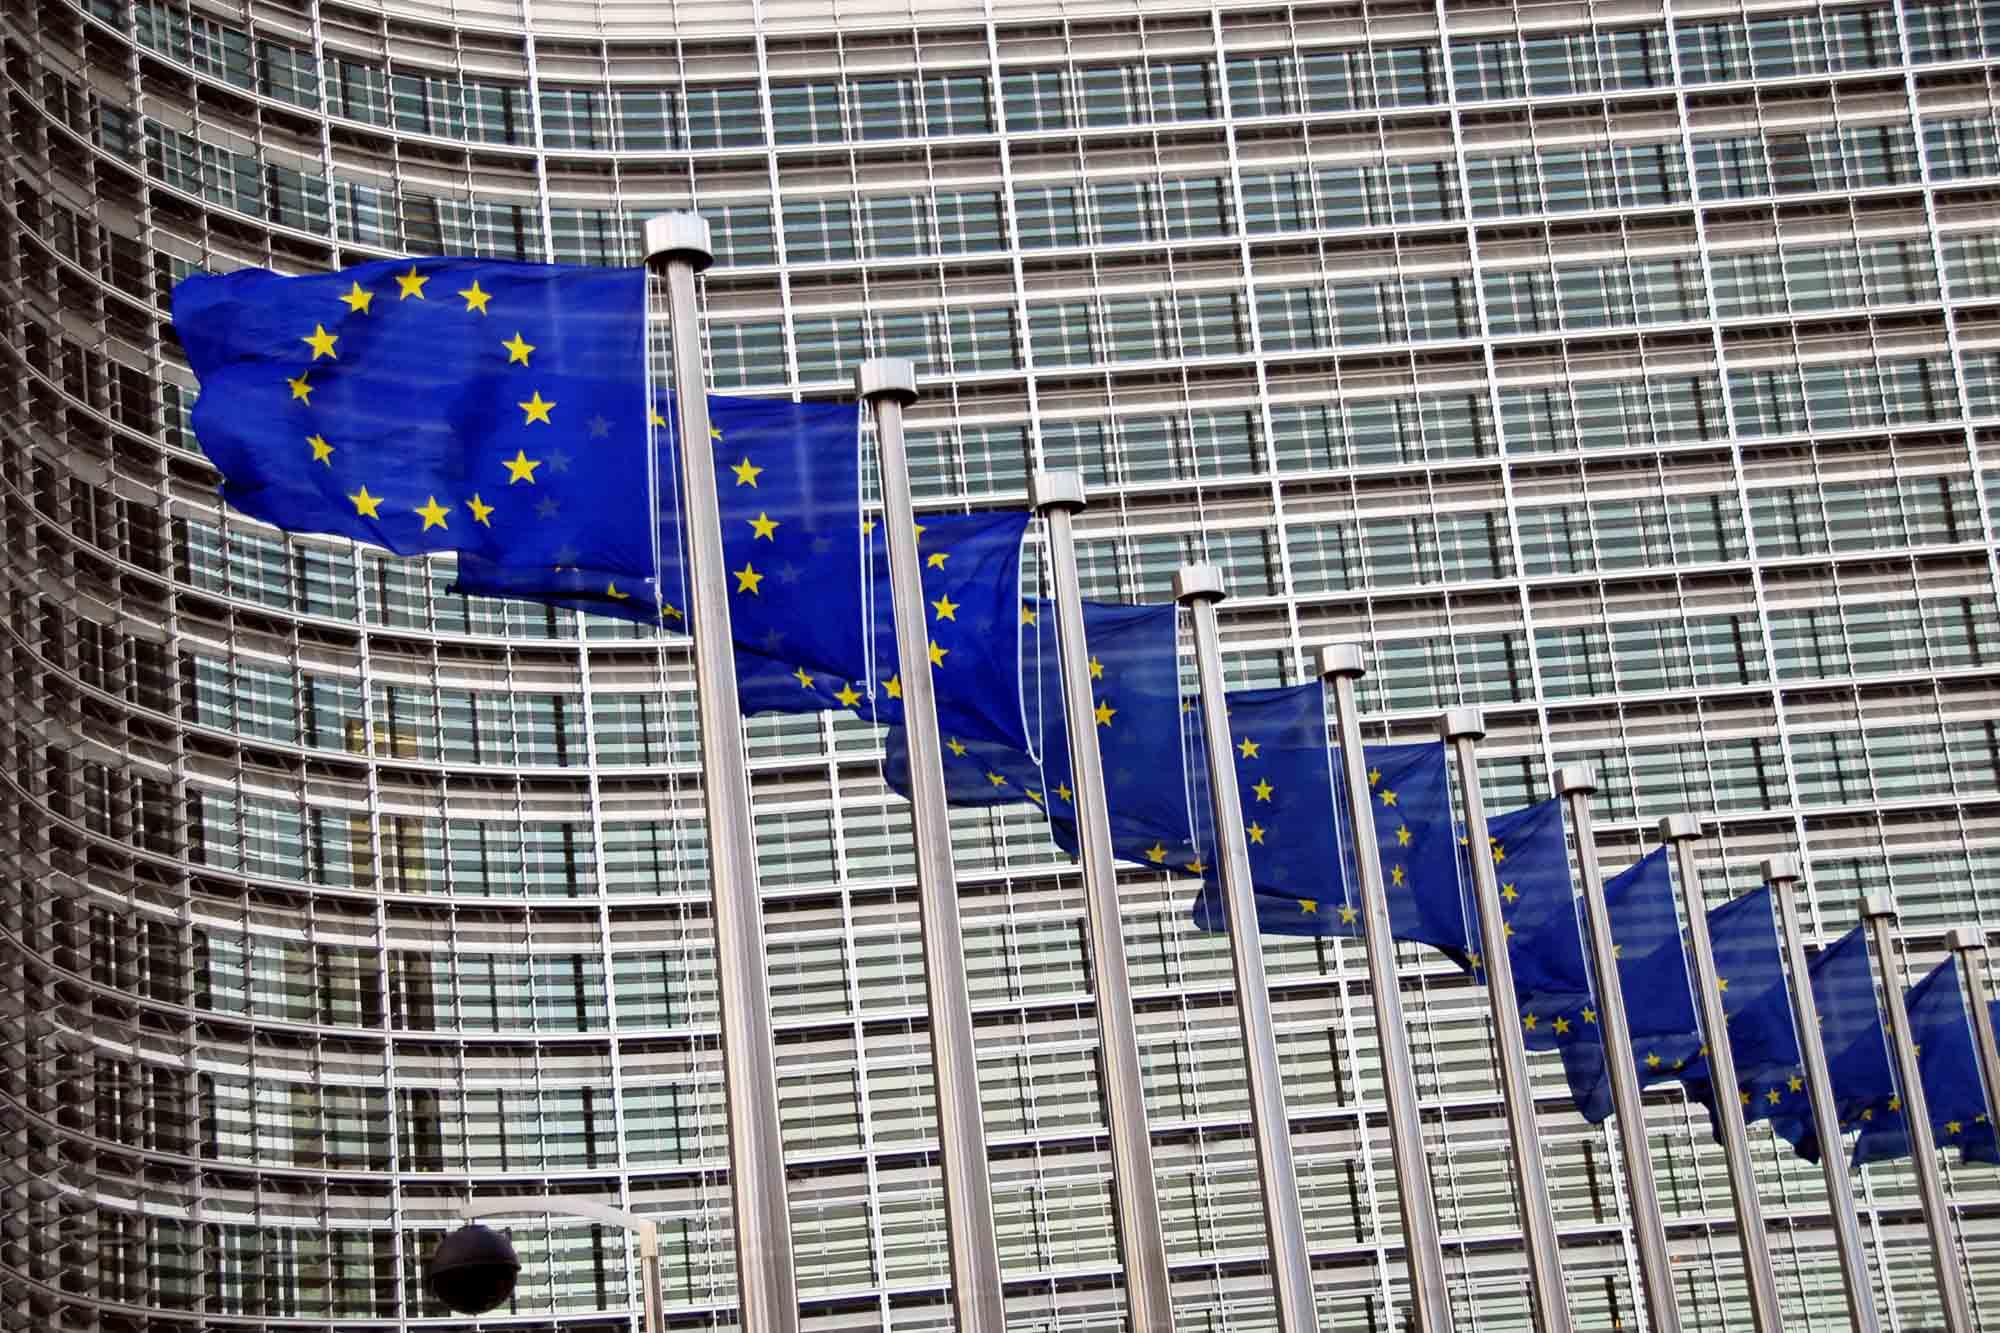 Pułaski nakonferencji Debating Security Plus: Expert FKP Marcin Bużański poprowadzi sesję opolitykach UE wobec kryzysów wSąsiedztwie